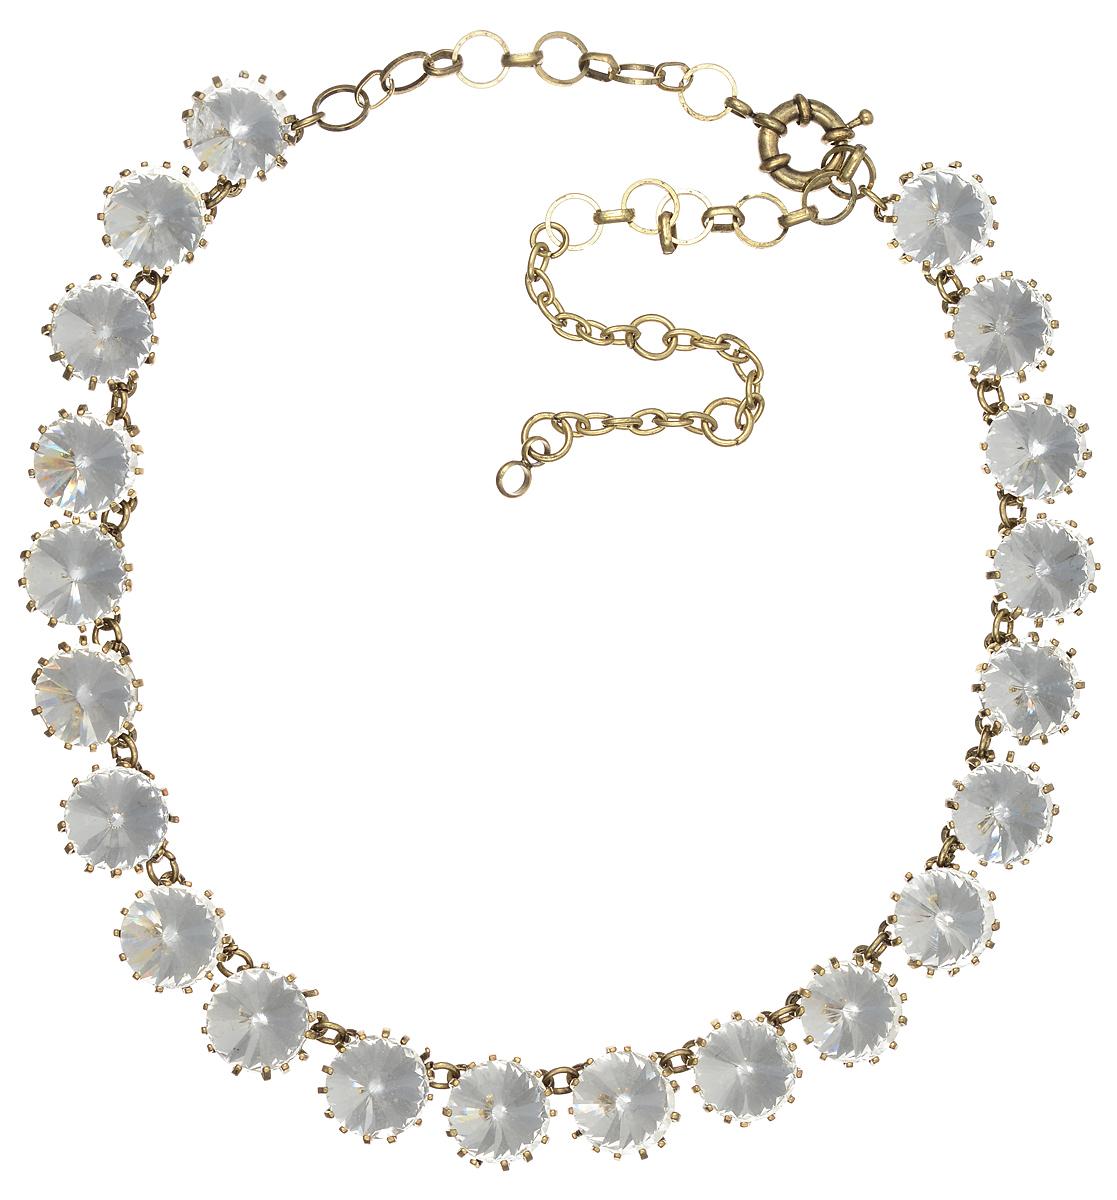 Ожерелье Taya, цвет: золотистый, белый. T-B-7665T-B-7665-NECK-GL.WHITEЭлегантное ожерелье Taya выполнено из бижутерийного сплава. Изделие оформлено стразами из стекла. Ожерелье застегивается на практичный замок-карабин, длина изделия регулируется за счет дополнительных звеньев. Ожерелье Taya выгодно подчеркнет изящество, женственность и красоту своей обладательницы.